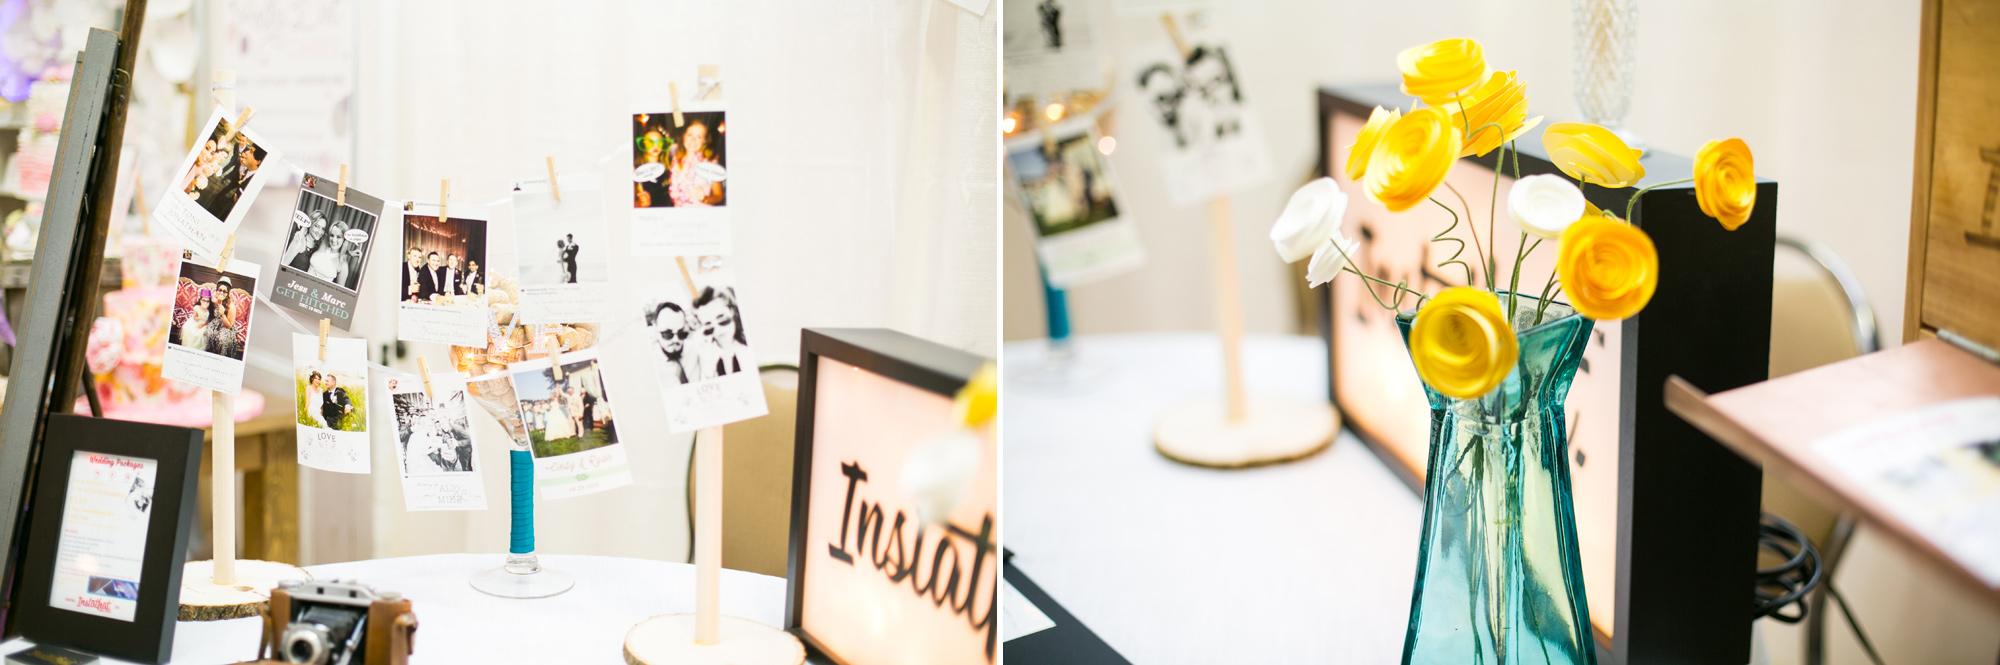 859-halifax-indie-wedding-social.jpg